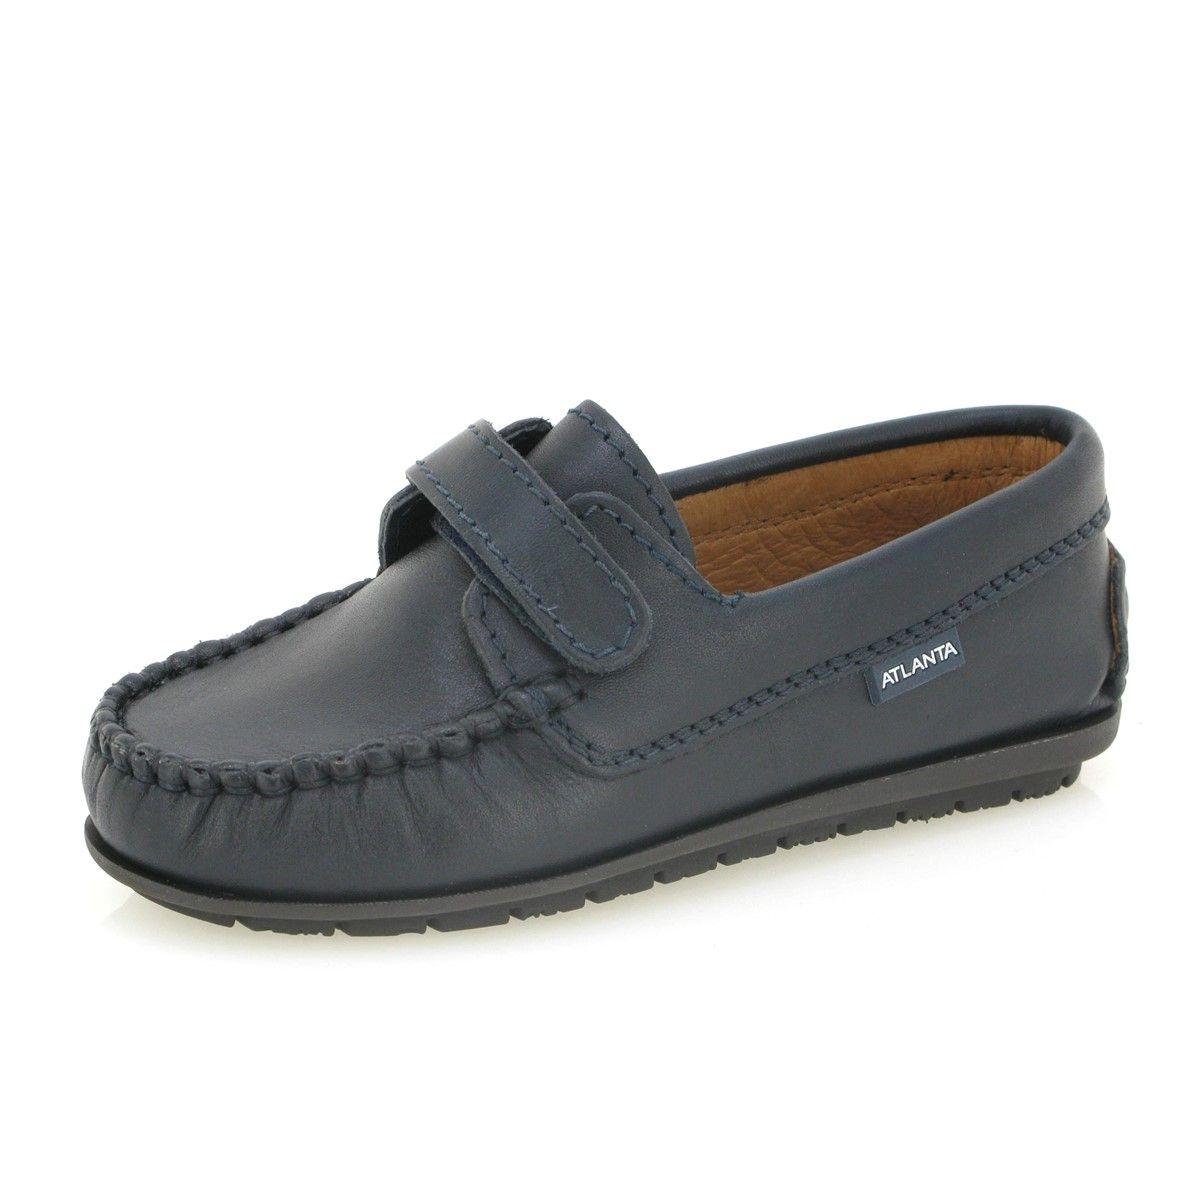 Chaussures mocassins Velcro en cuir rustique pour enfants